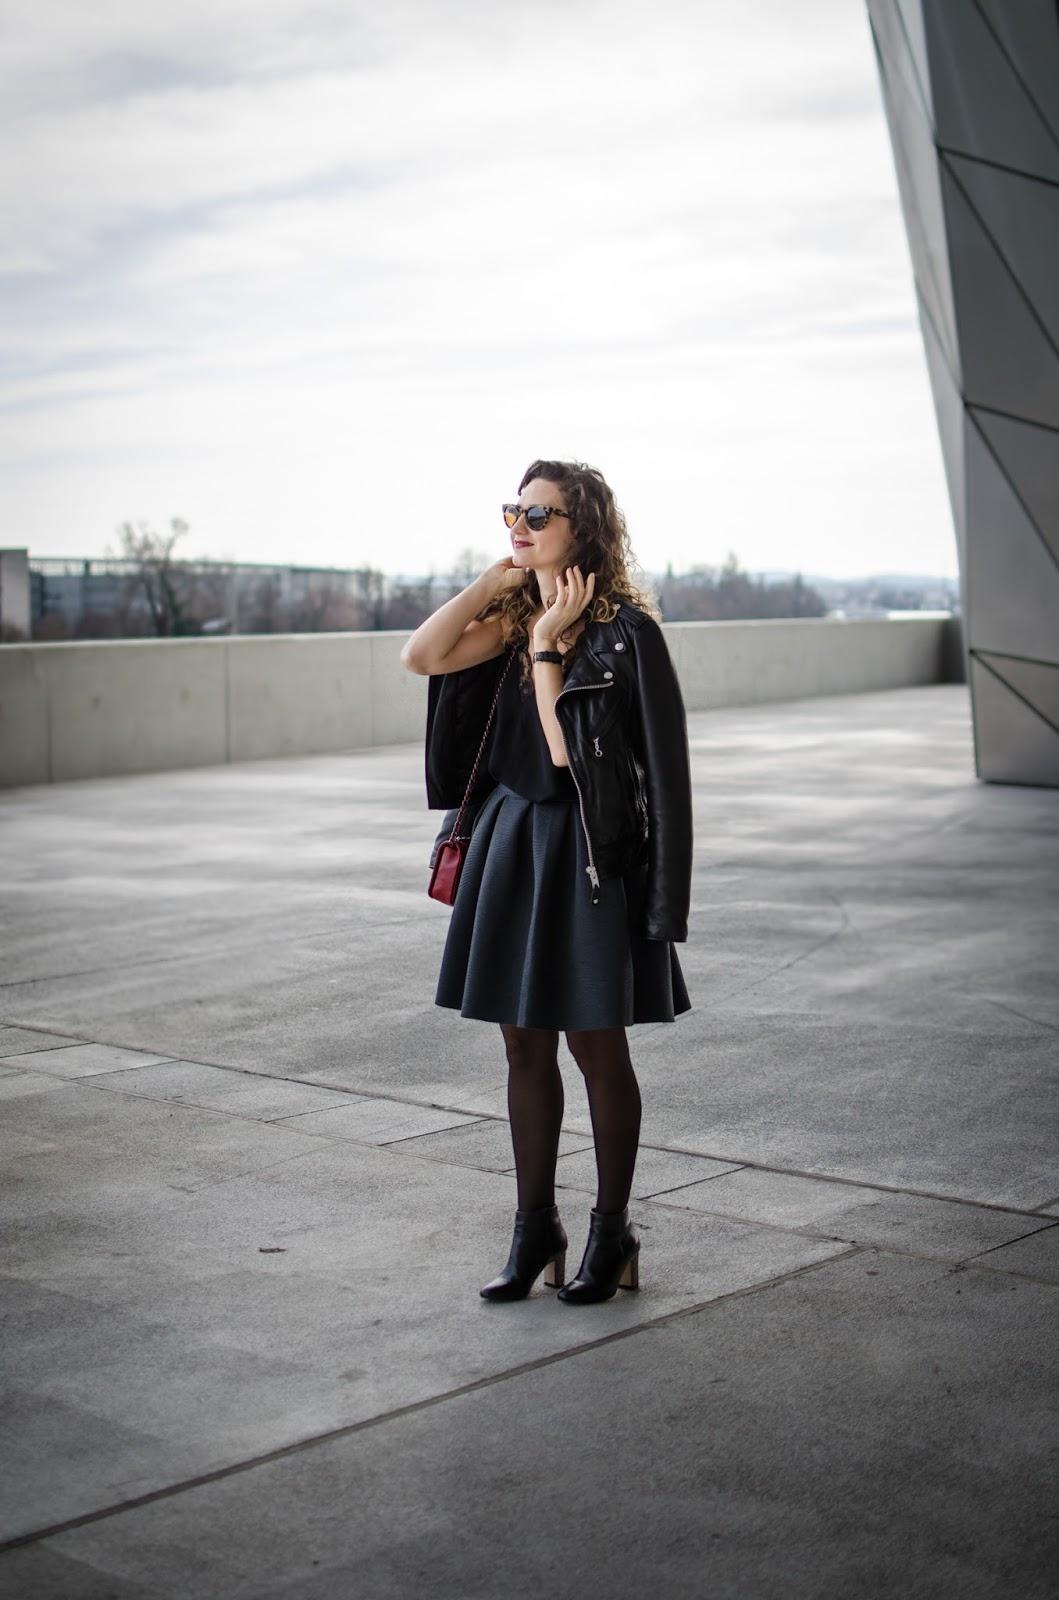 Apprendre à coudre une jupe à Lyon